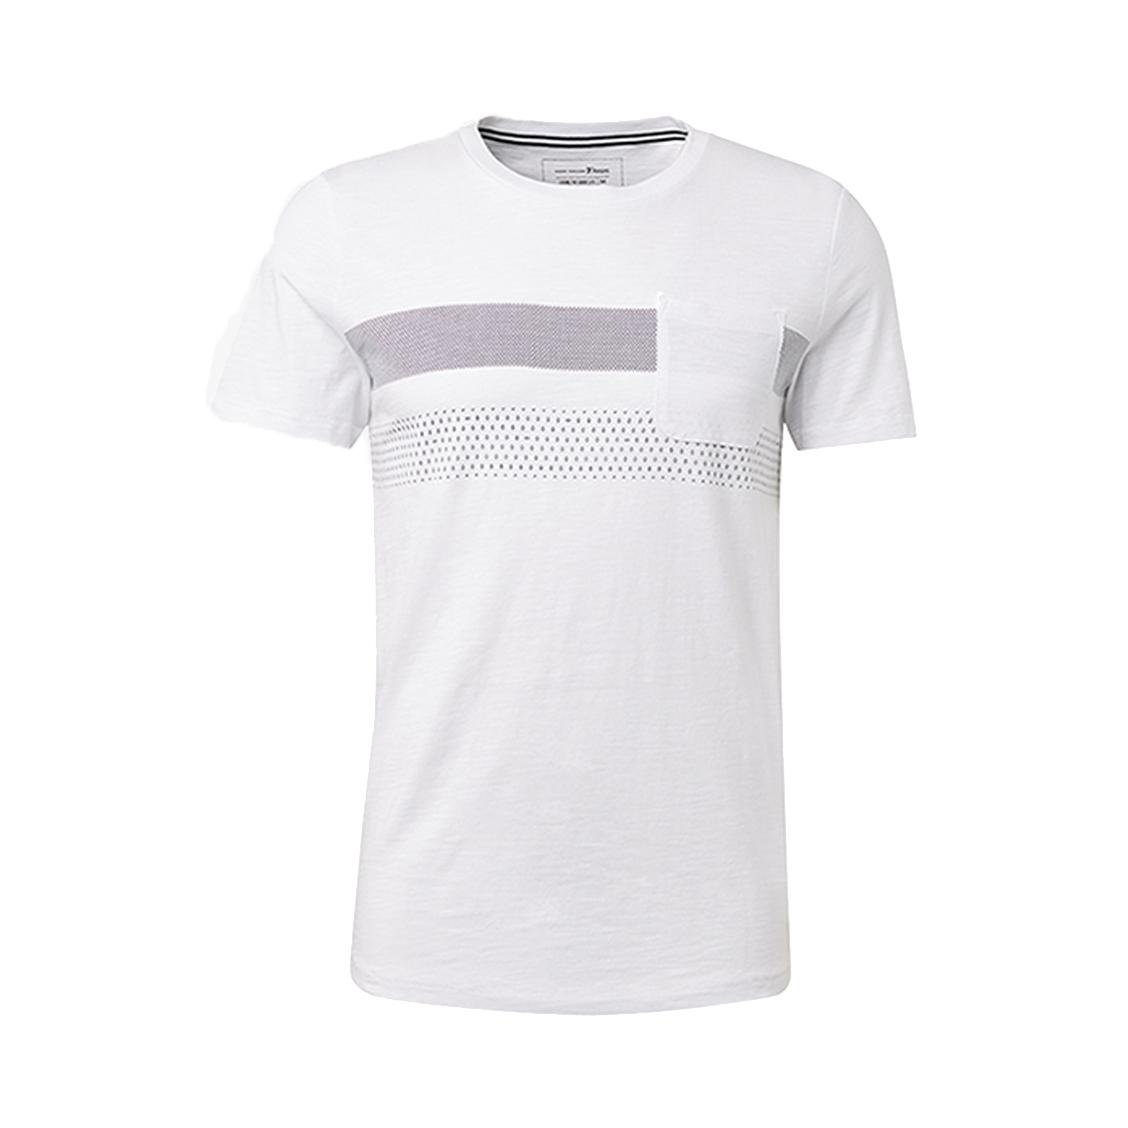 Tee-shirt Tom Tailor en coton blanc à motifs en bandes grises